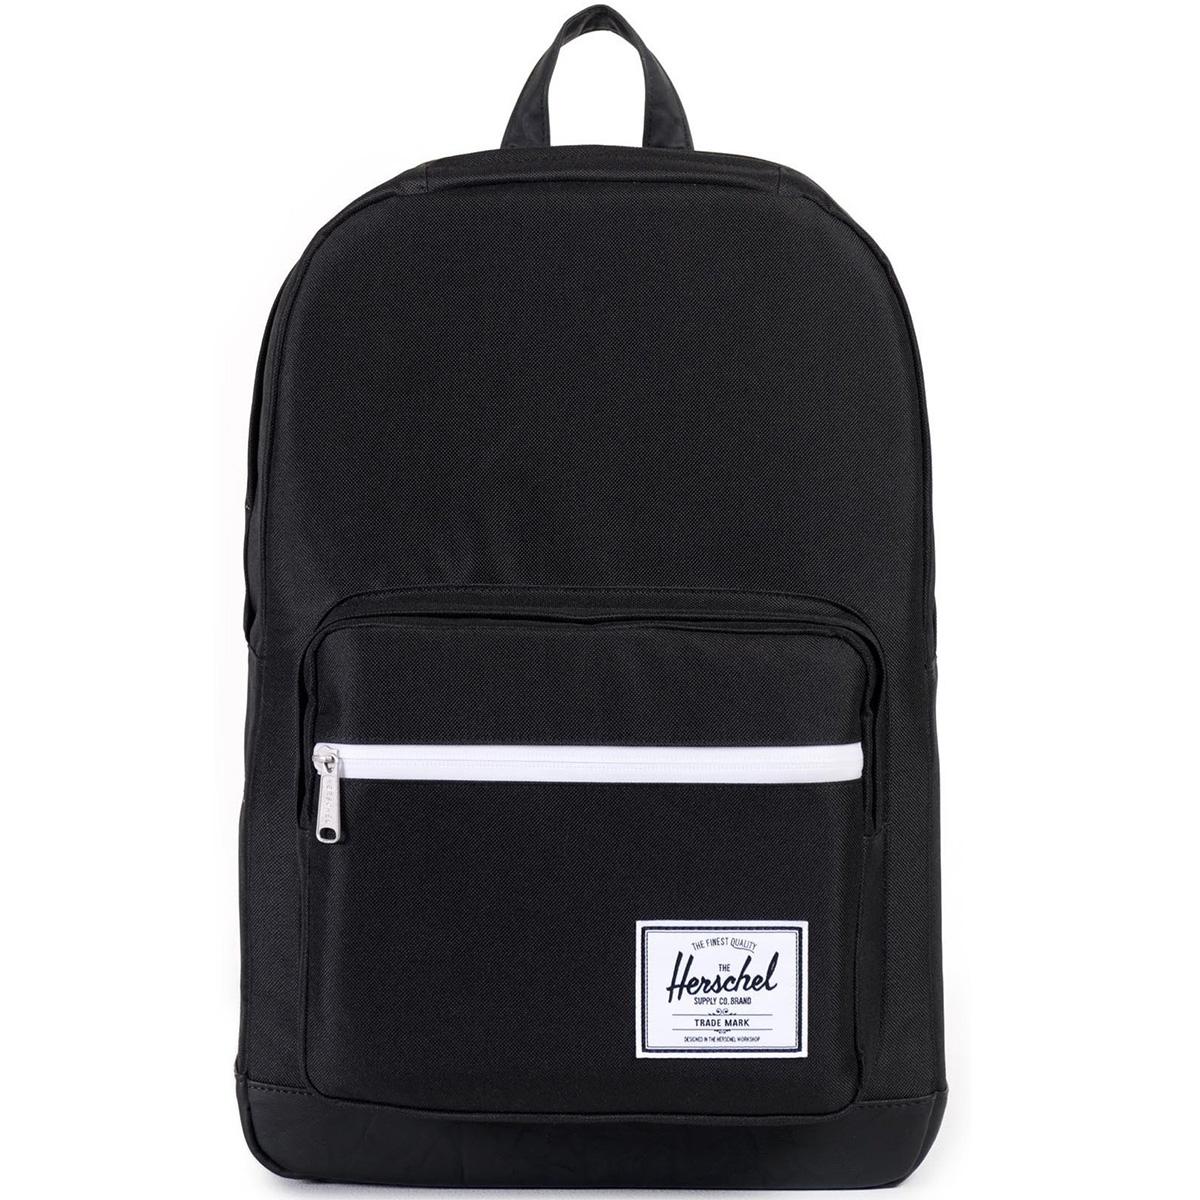 Рюкзак городской Herschel Pop Quiz (A/S), цвет: черный. 828432043330КомфортРюкзак Herschel Pop Quiz выполнен из высококачественного материала. Этот рюкзак создан для любых целей и поездок, отлично впишется в абсолютно любой стиль. Основное отделение закрывается на застежку-молнию. Внешняя сторона дополнена накладным карманом на застежке-молнии. Лямки регулируются, что позволяет менять положение рюкзака на спине.